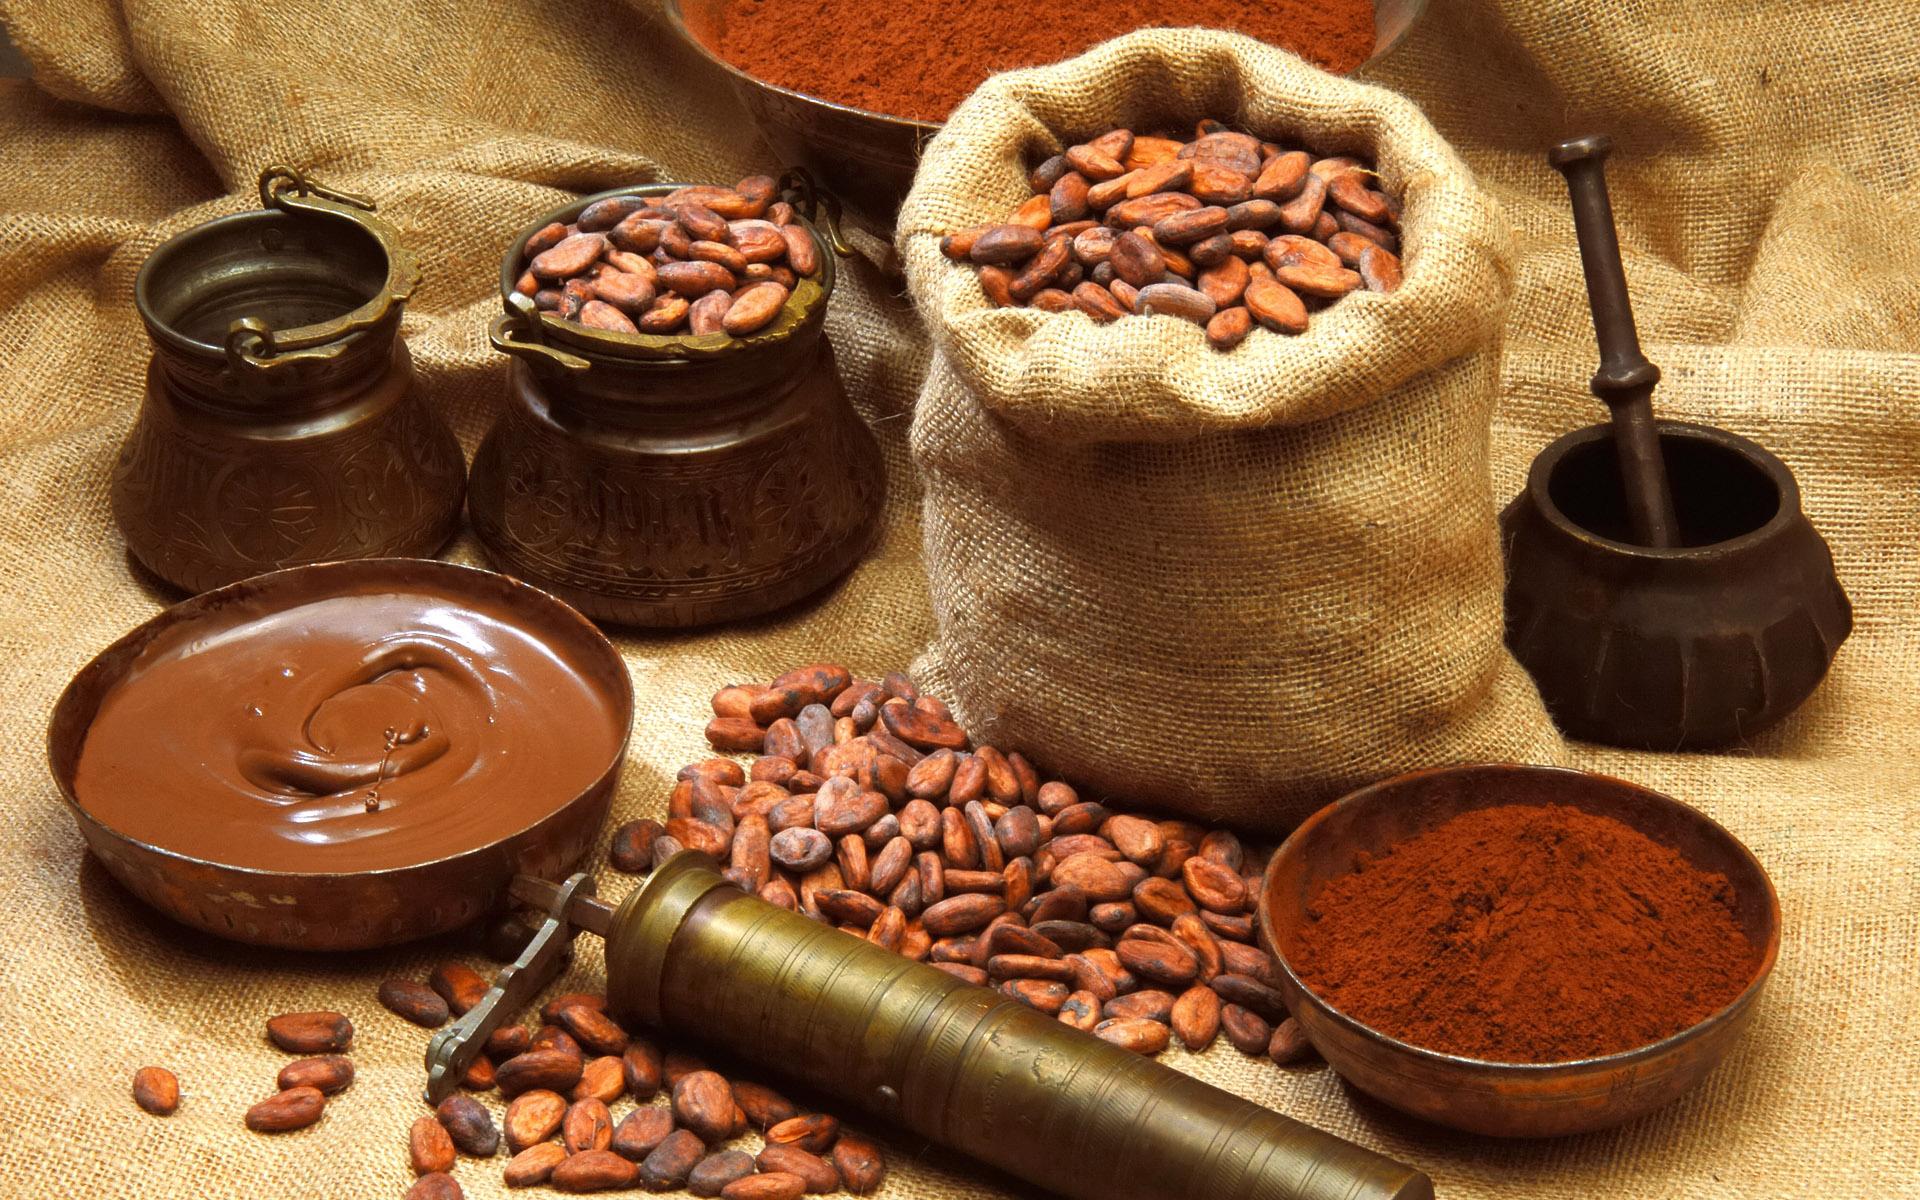 Buena producción del grano el año anterior. Colombia distribuyó 59.665 toneladas de cacao en 2019 | EL FRENTE